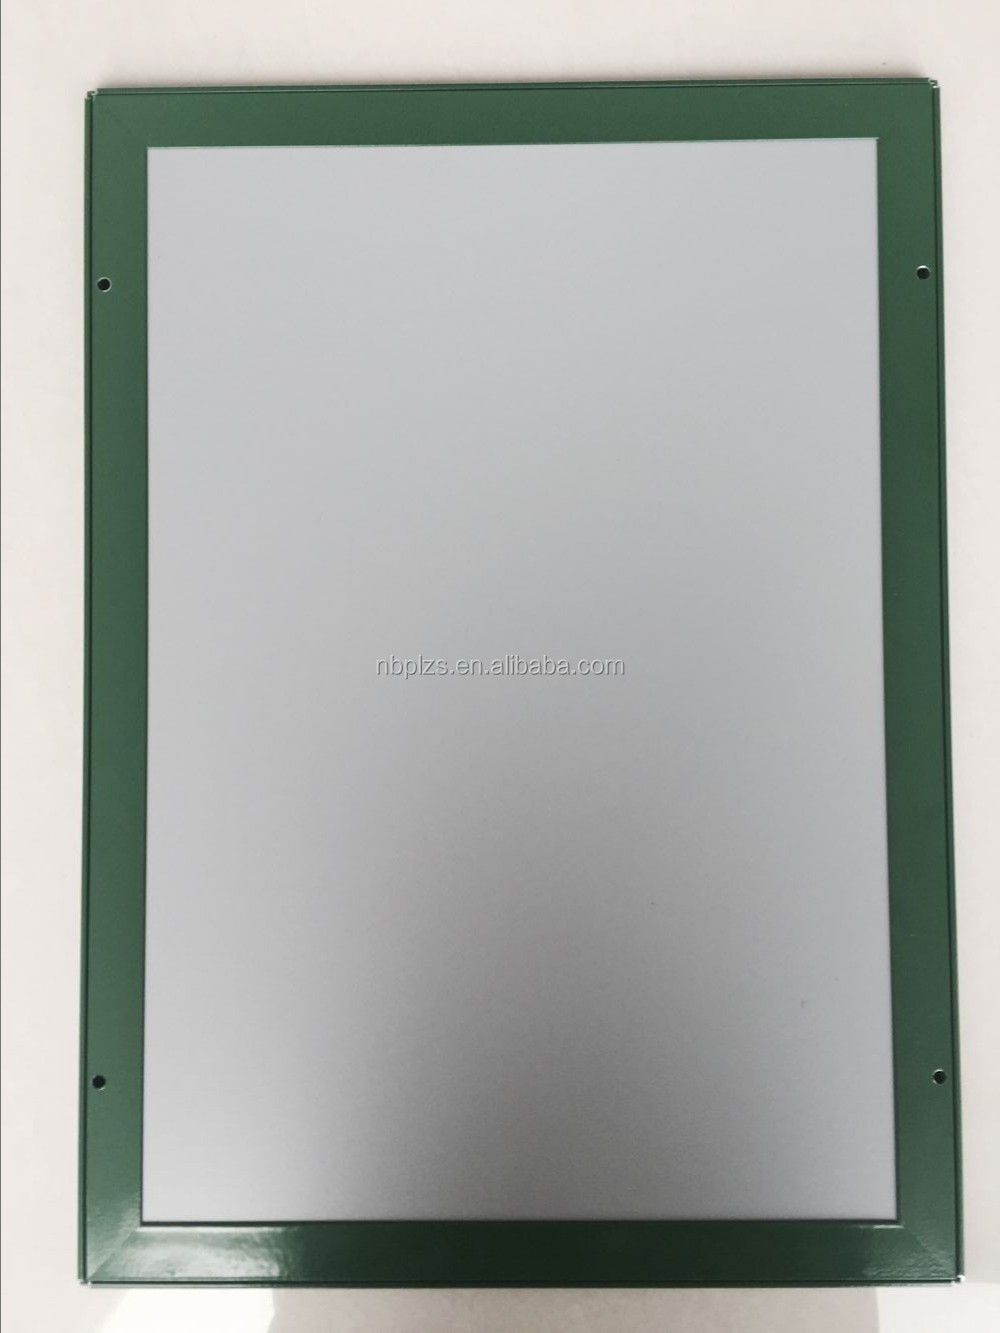 A4 Moss Green Poster Snap Frames 25mm